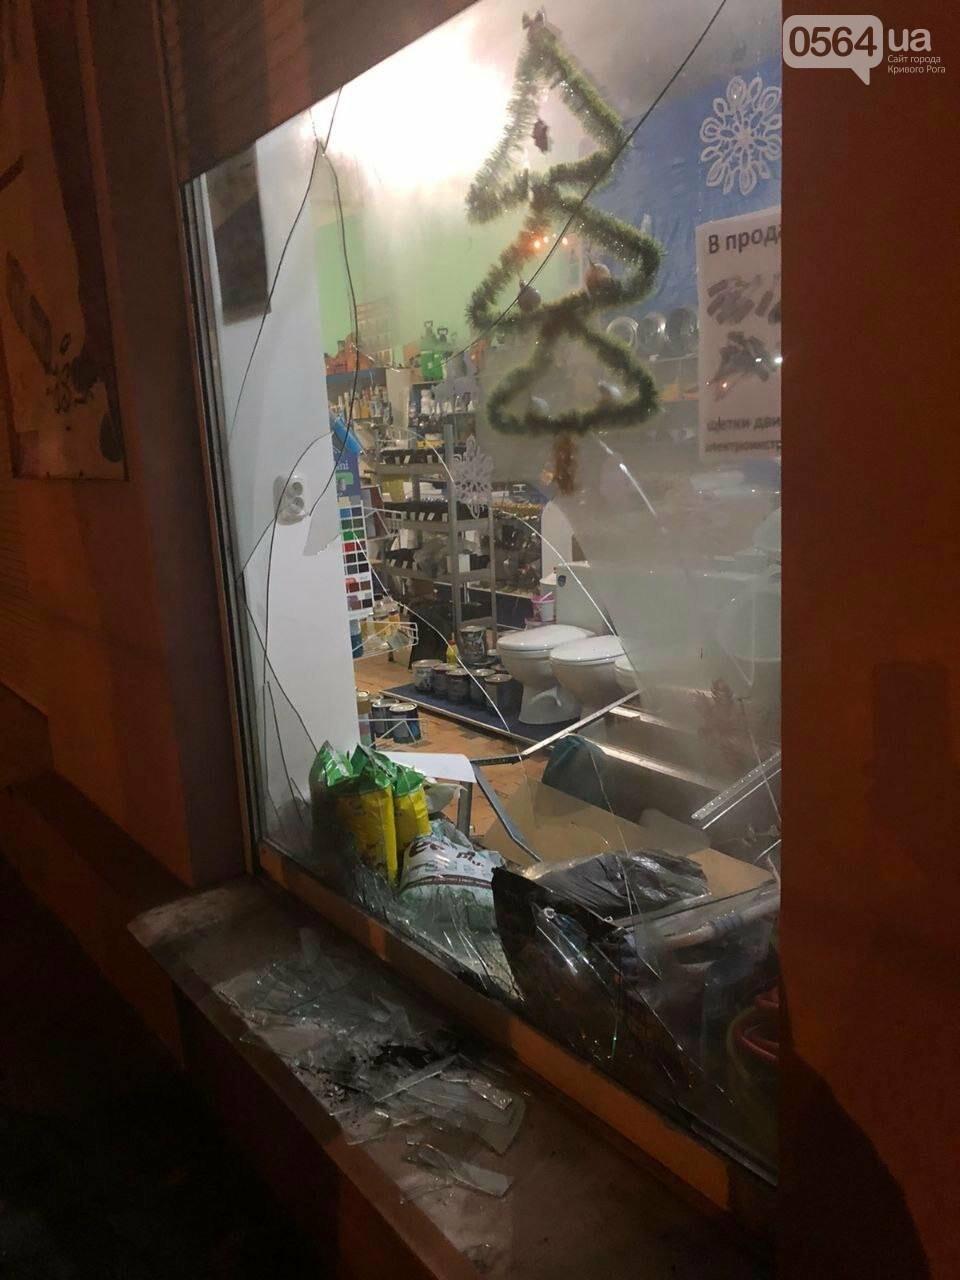 Двое криворожских рецидивистов пытались вынести из магазина товара на 7 тысяч, - ФОТО , фото-2